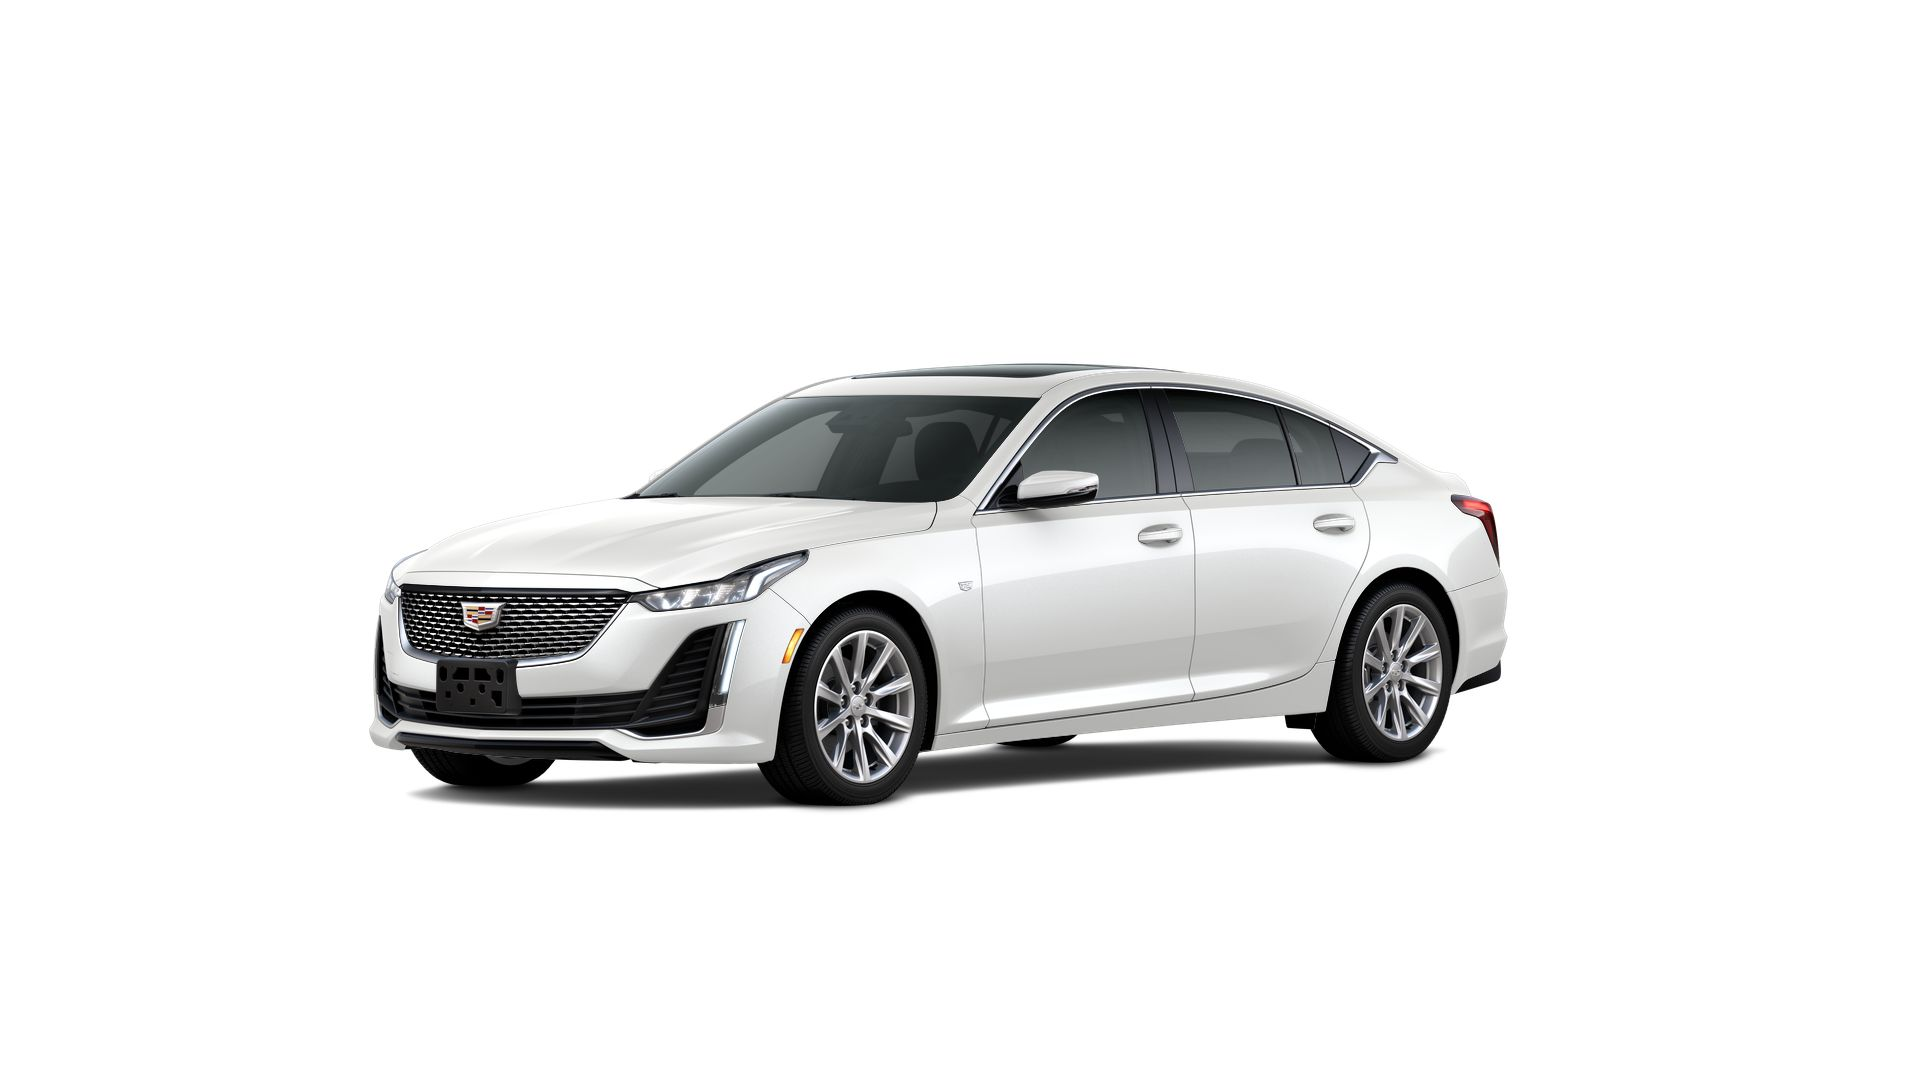 2021 Cadillac CT5 Luxury RWD